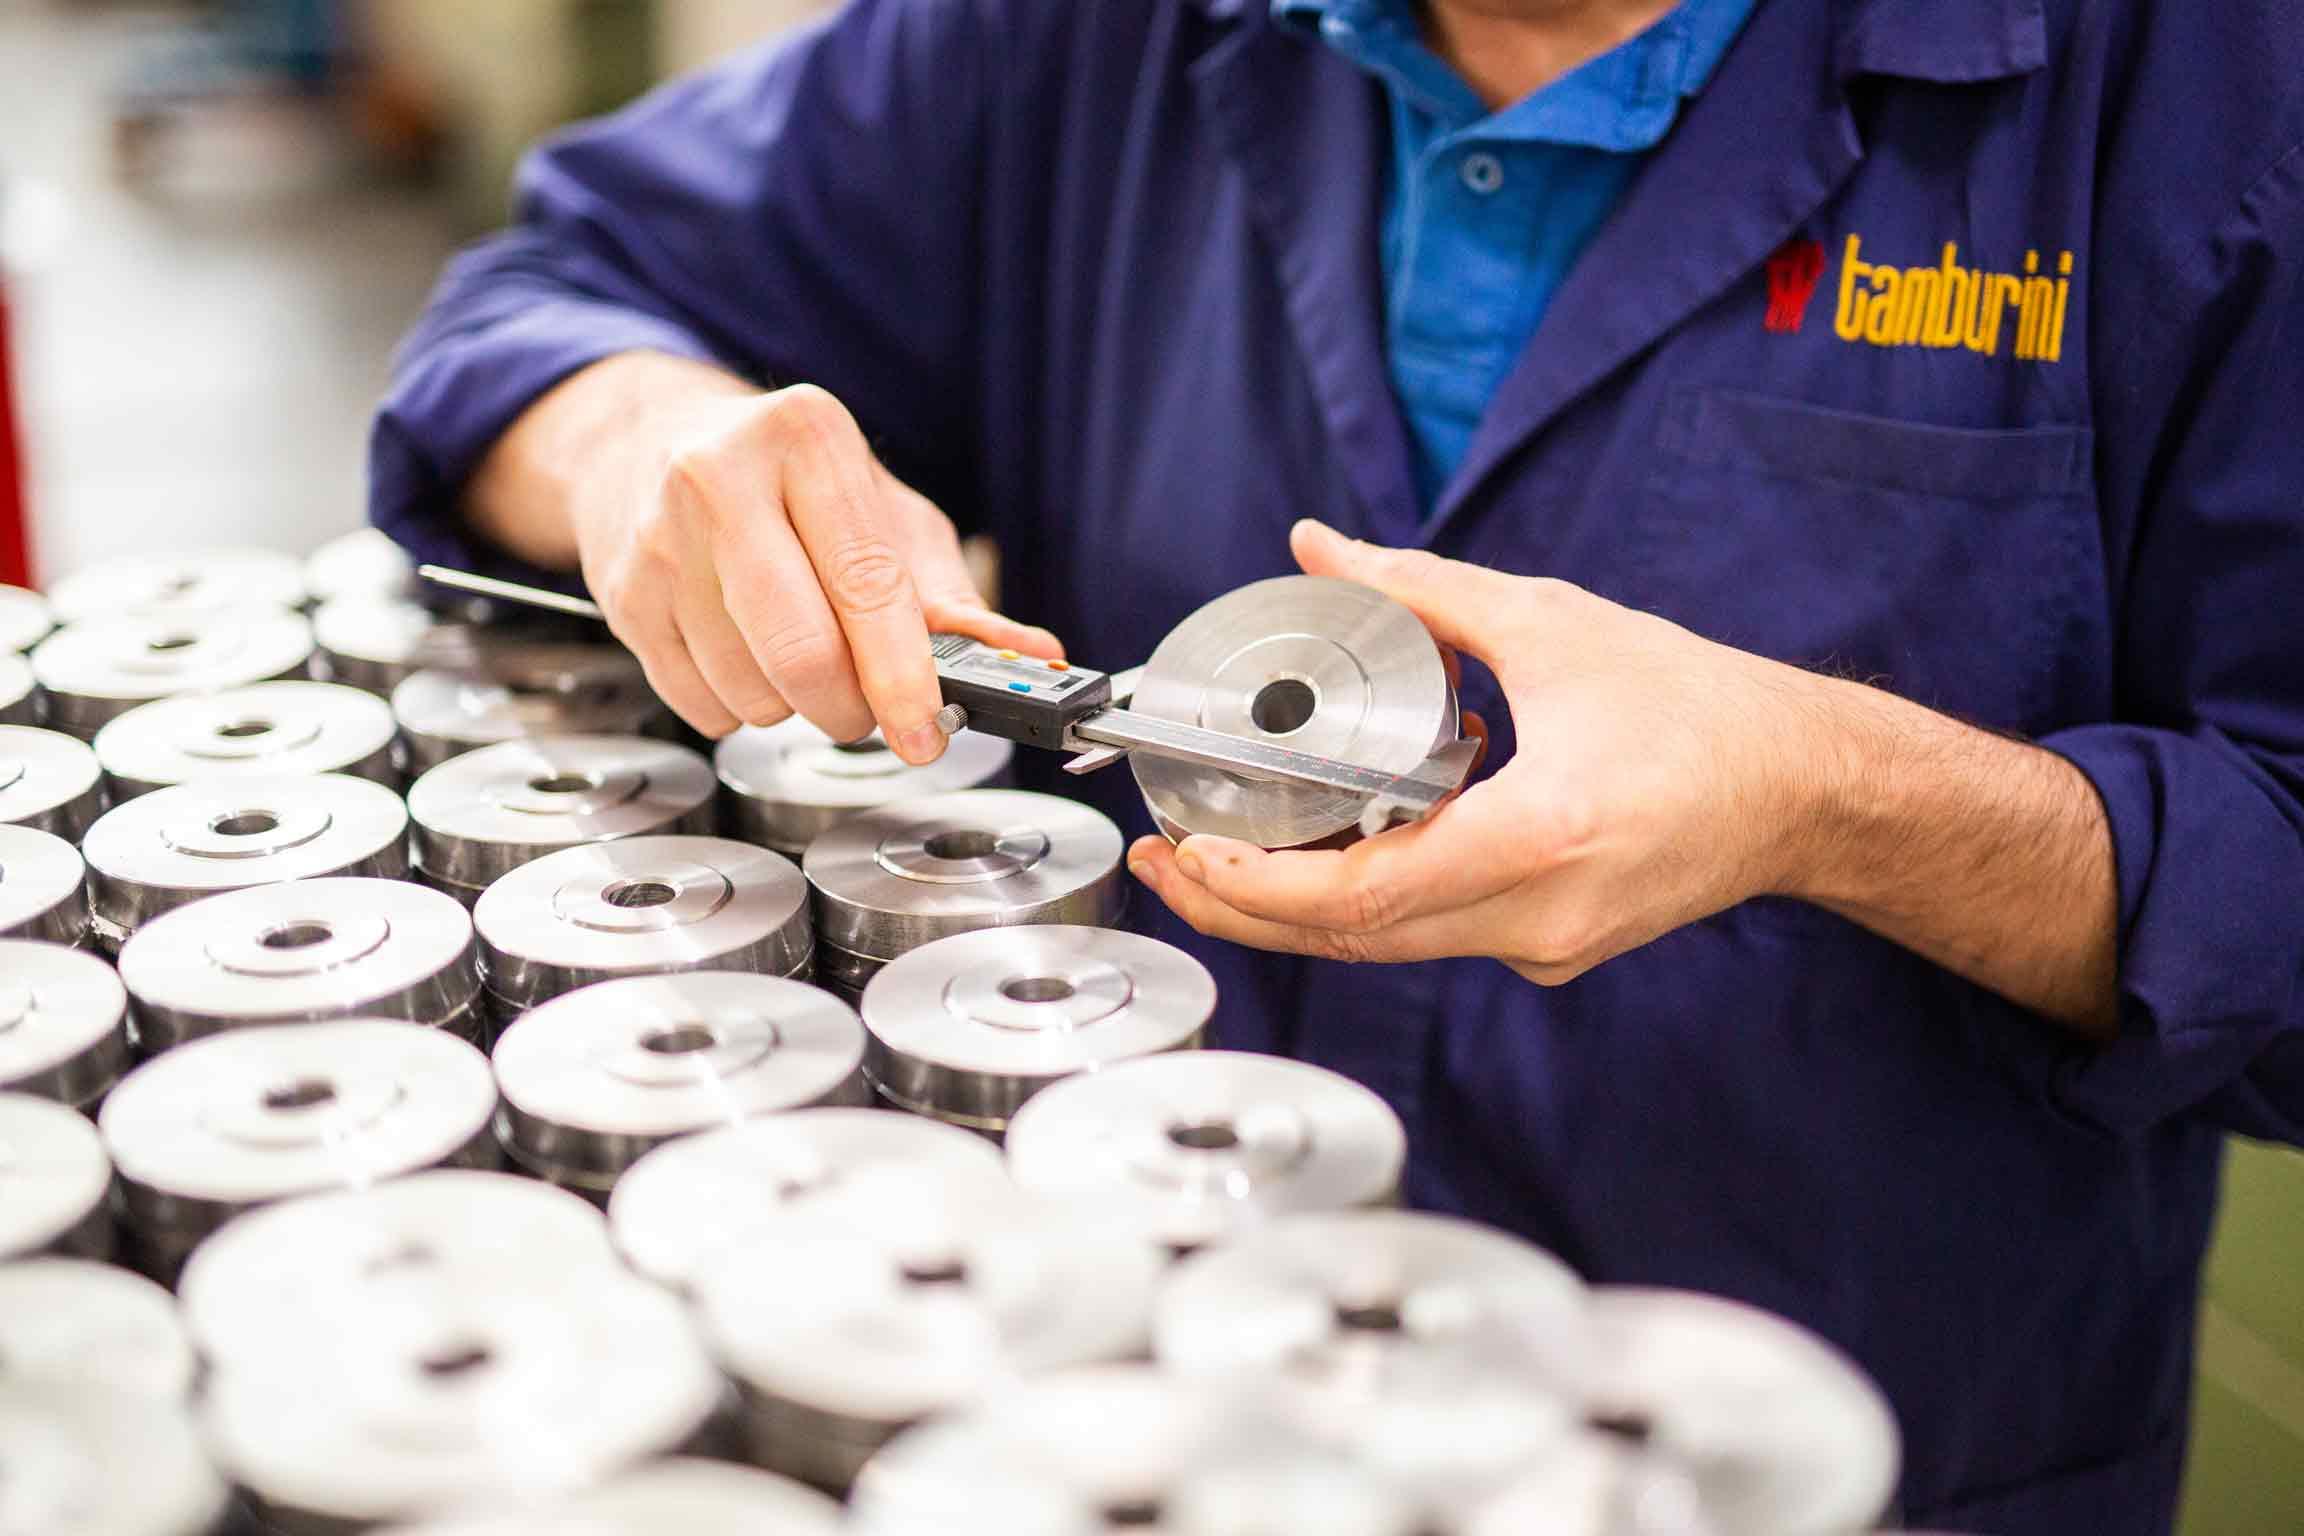 Uomo con calibro esegue un controllo qualità sugli utensili speciali Tamburini